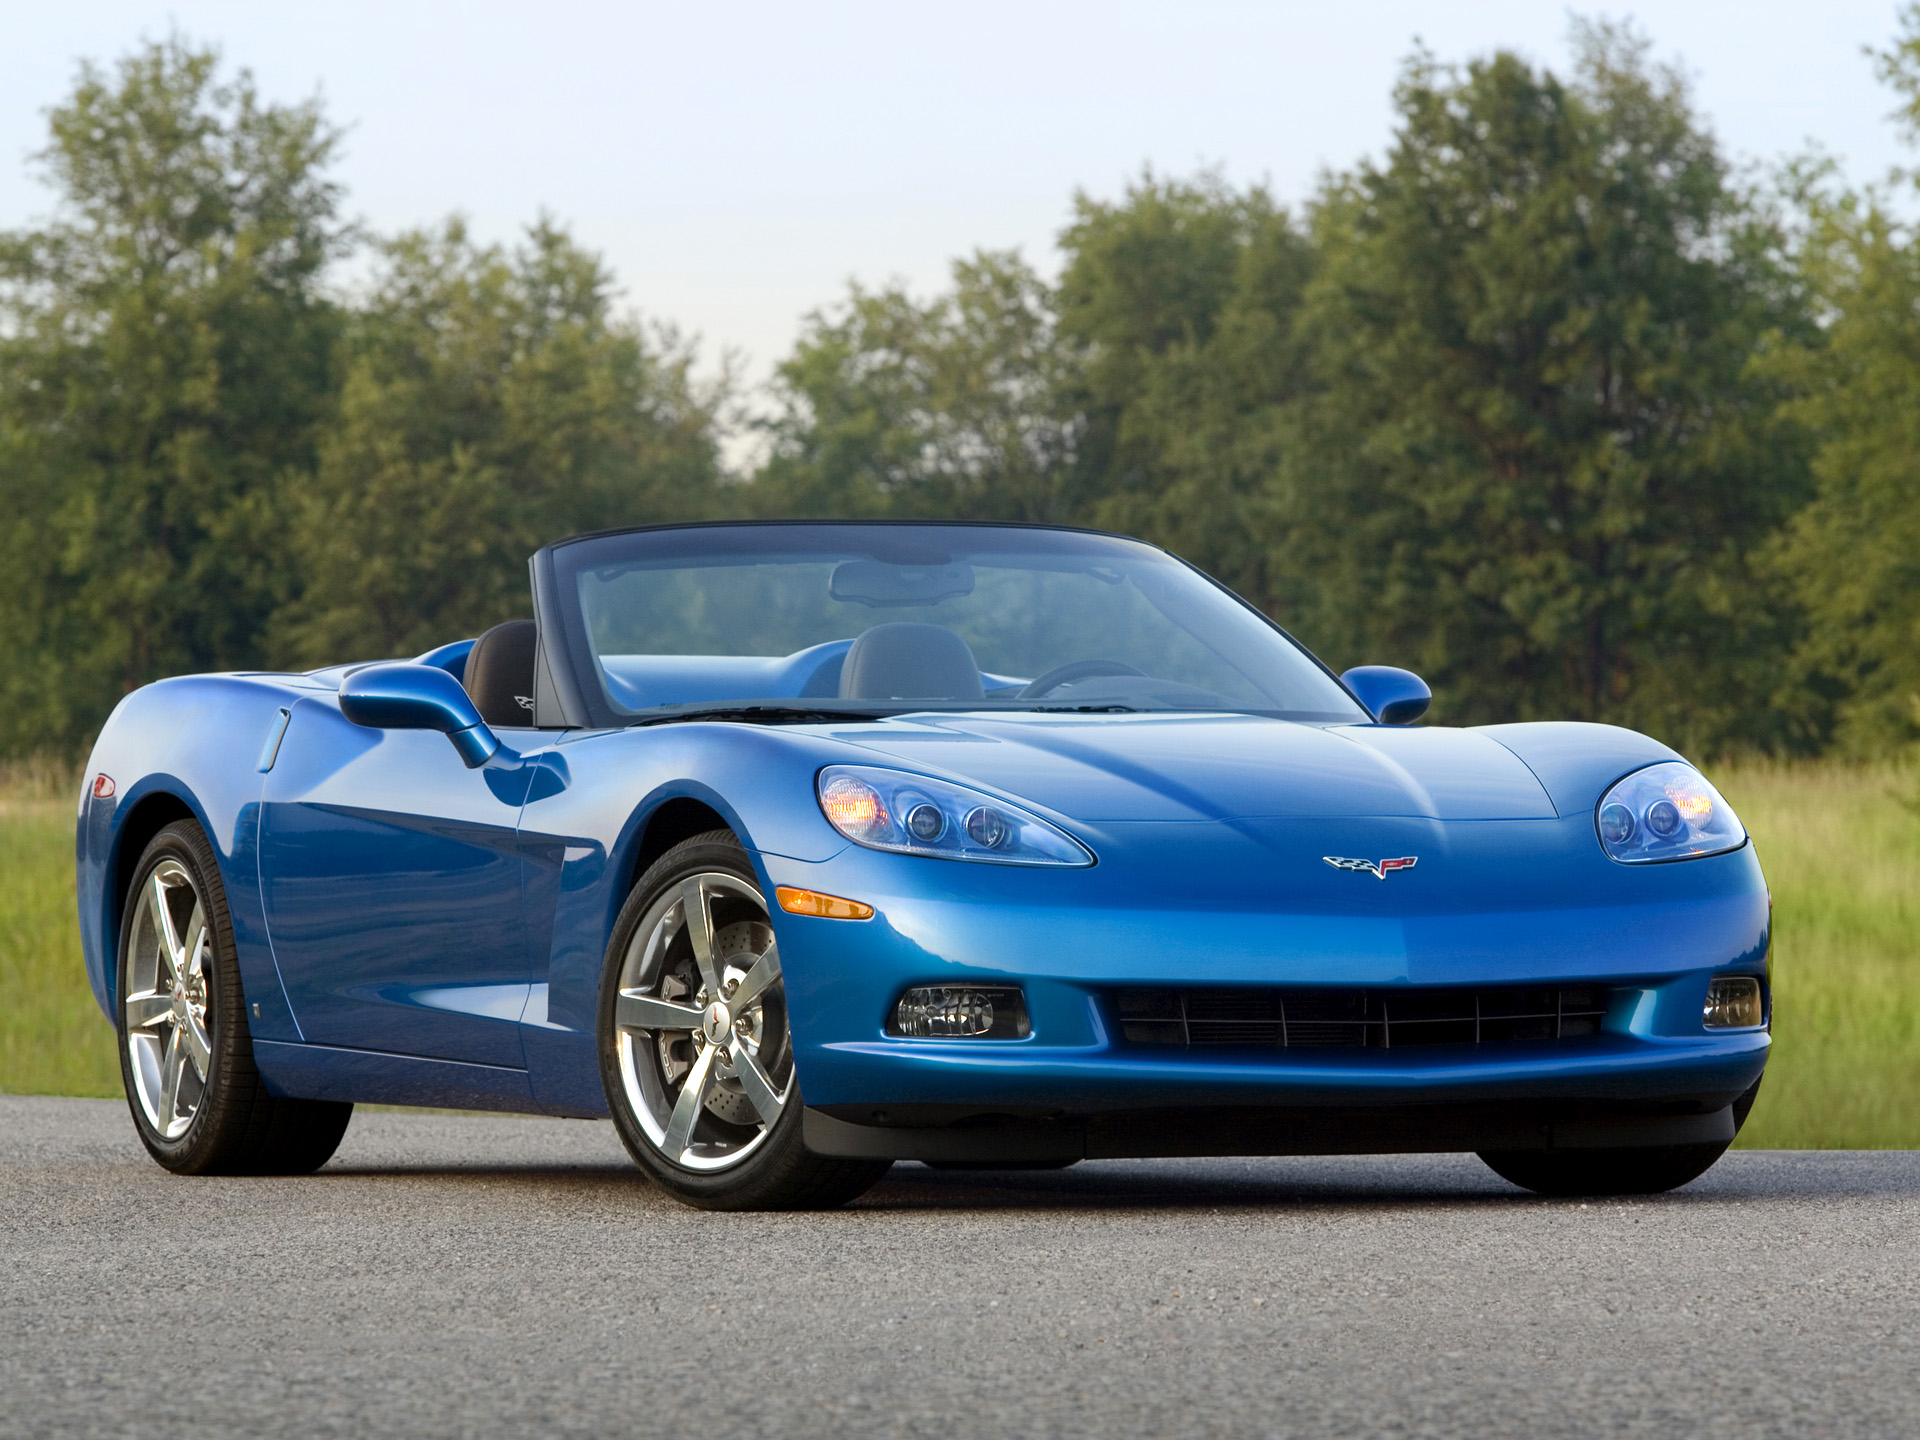 Corvette c6 convertible wallpaper wallpapersafari - Corvette c6 wallpaper ...